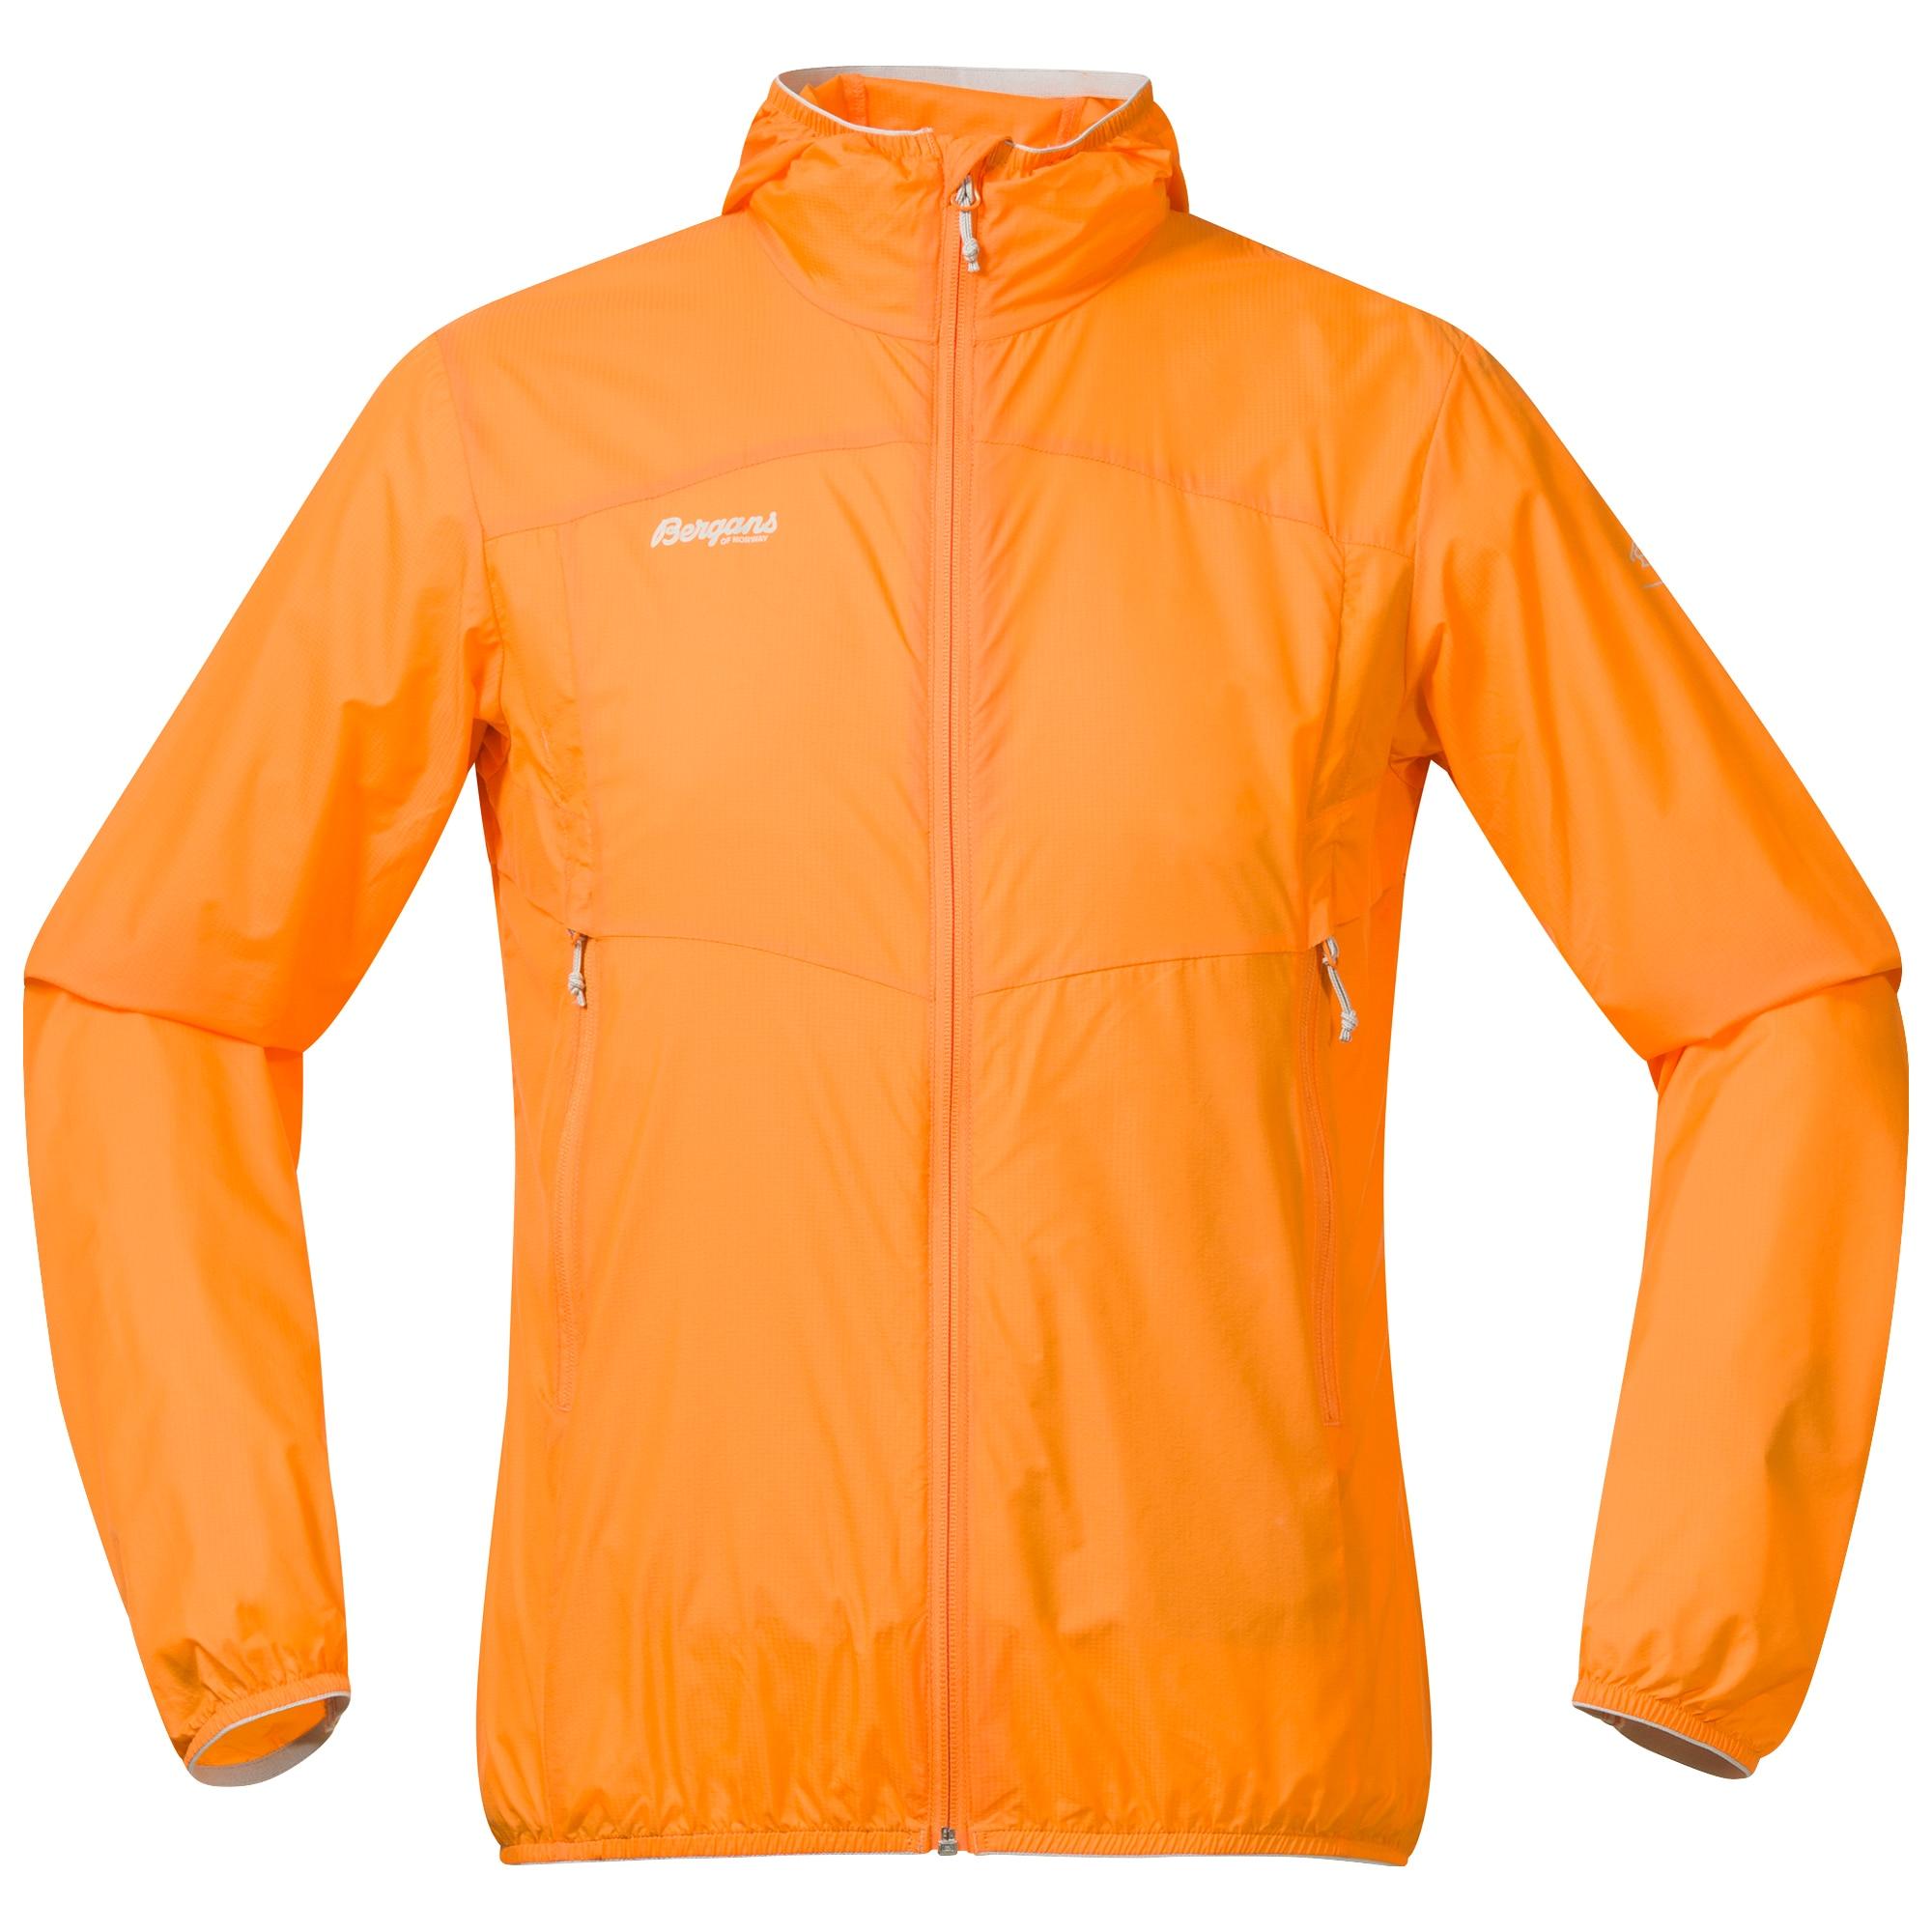 Solund Jacket